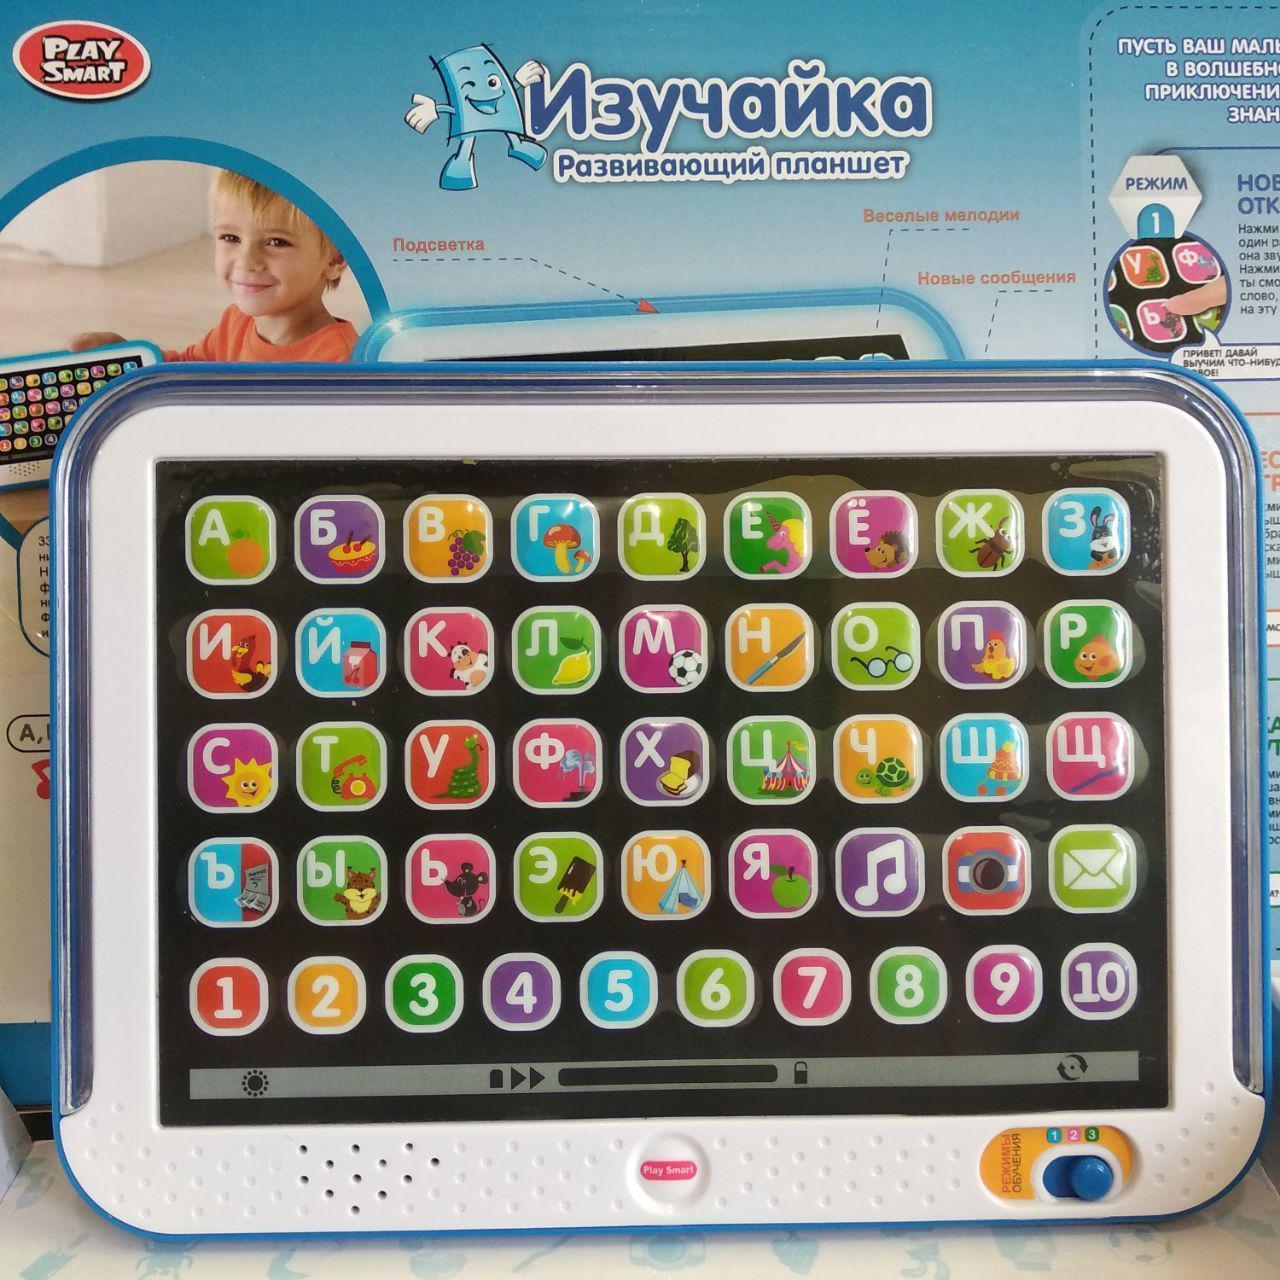 Планшет навчальний Play Smart підсвічування рос.озвучування - Магазин дитячих іграшок kidstoys3-16 в Харкові